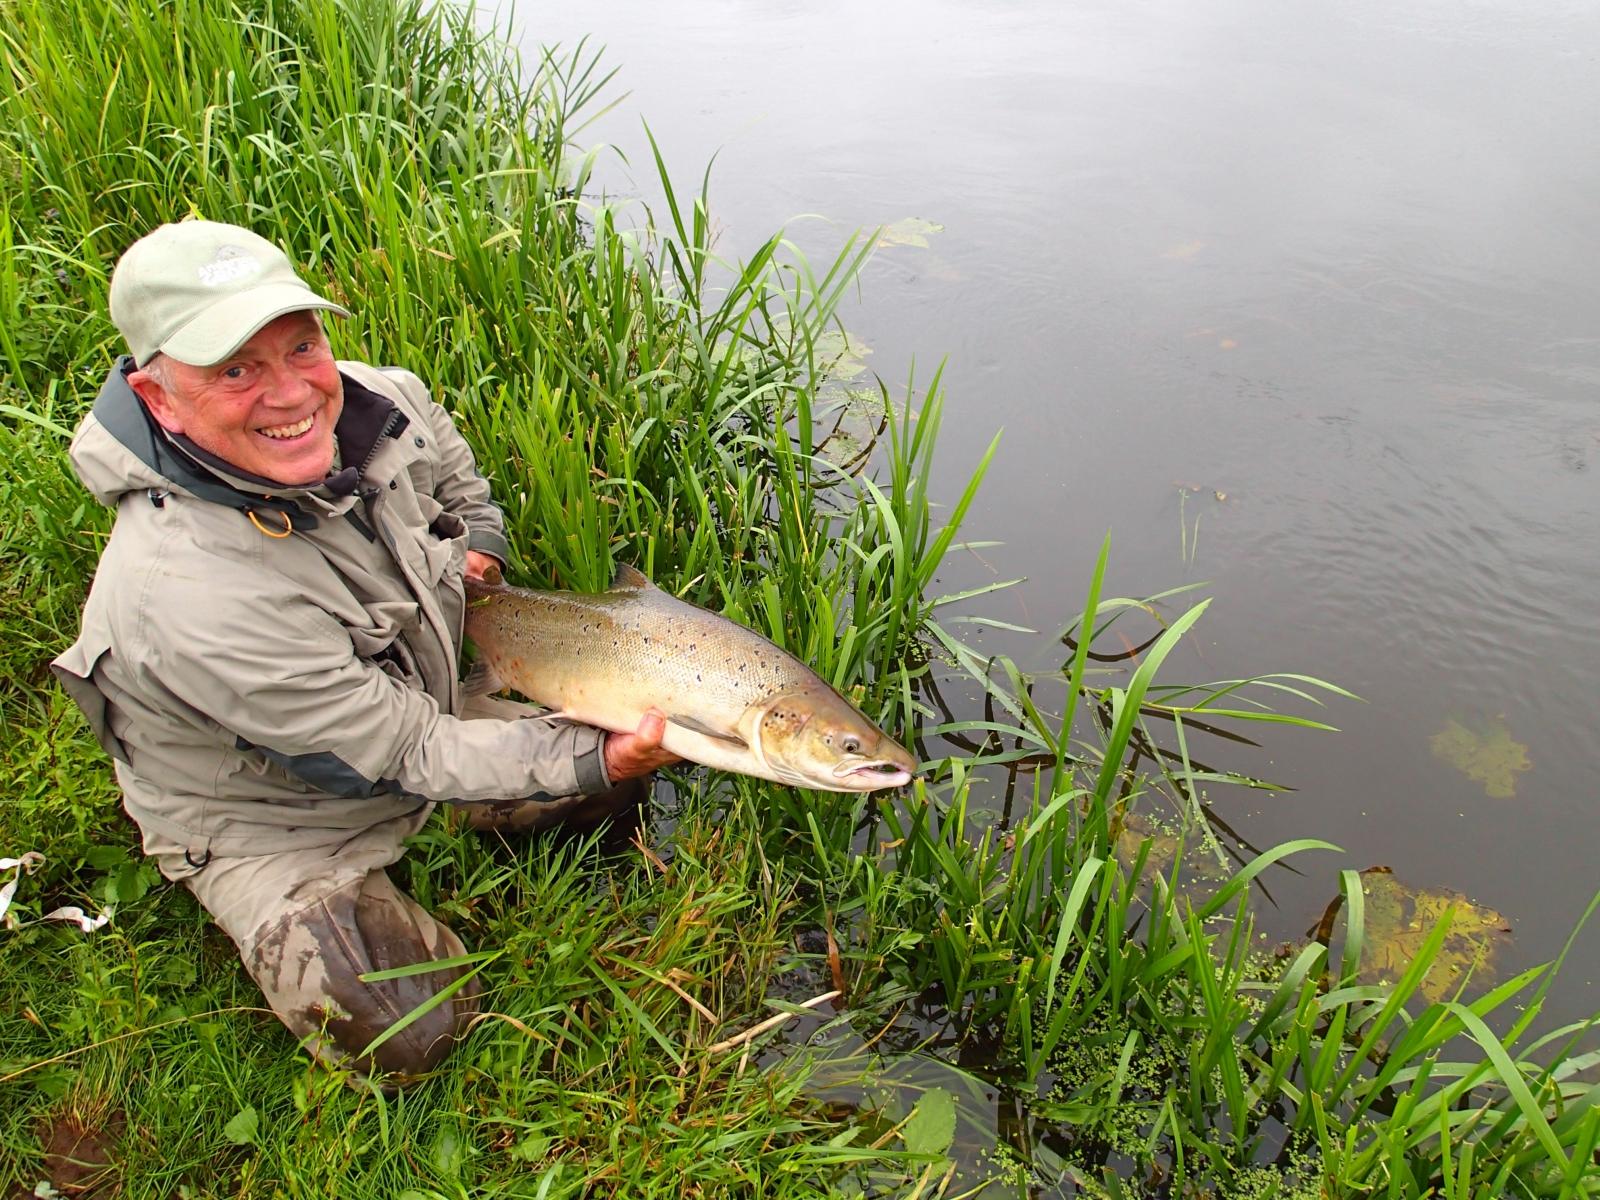 Laks på 91 cm og 7.50 kg fra Stor åen, Vestjylland -  fanget på Spinner # 7311